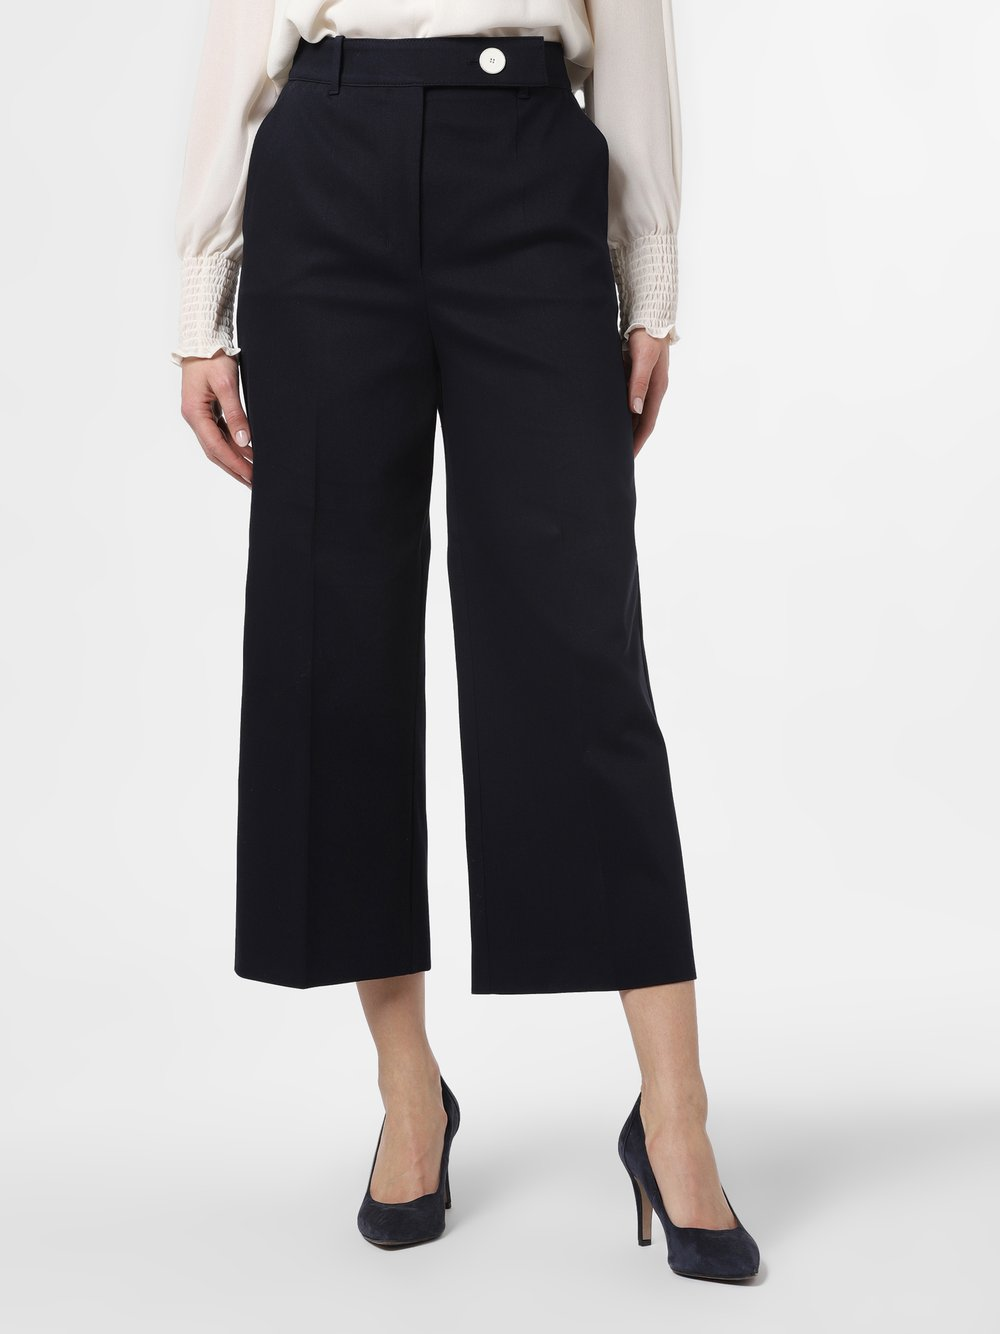 BOSS - Spodnie damskie – Tapima, niebieski